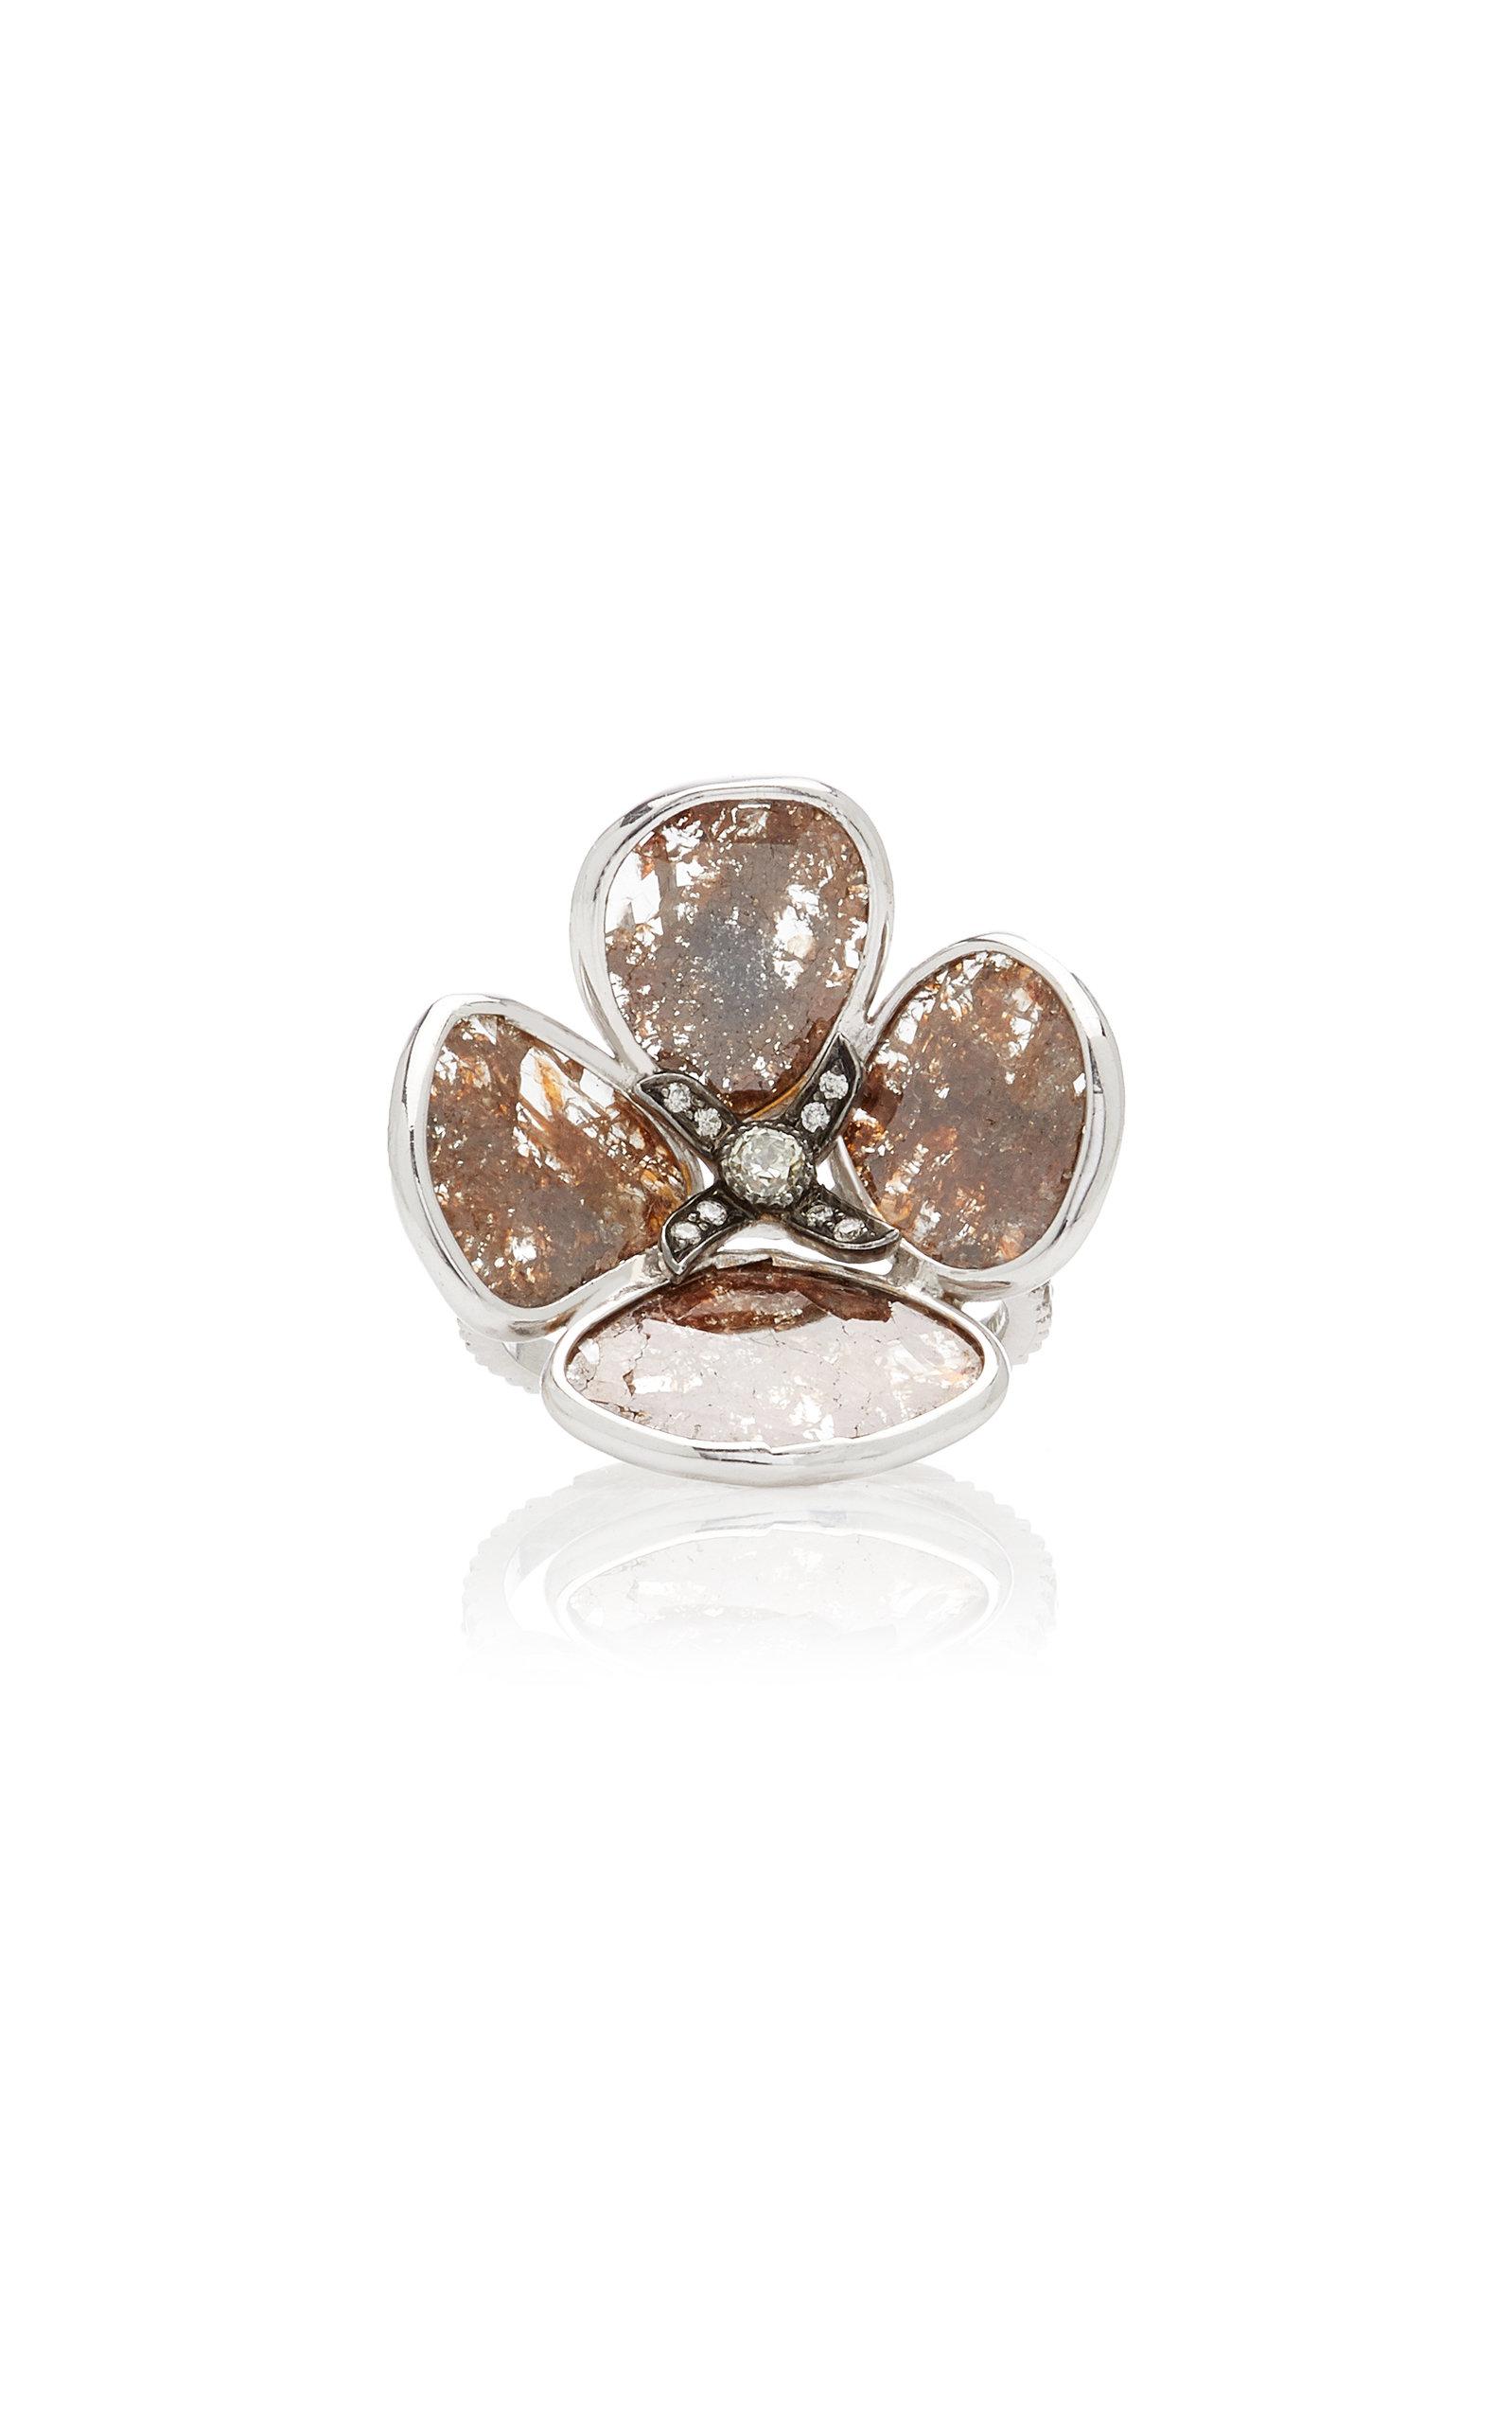 Women's 18K White Gold Sliced Diamond Ring